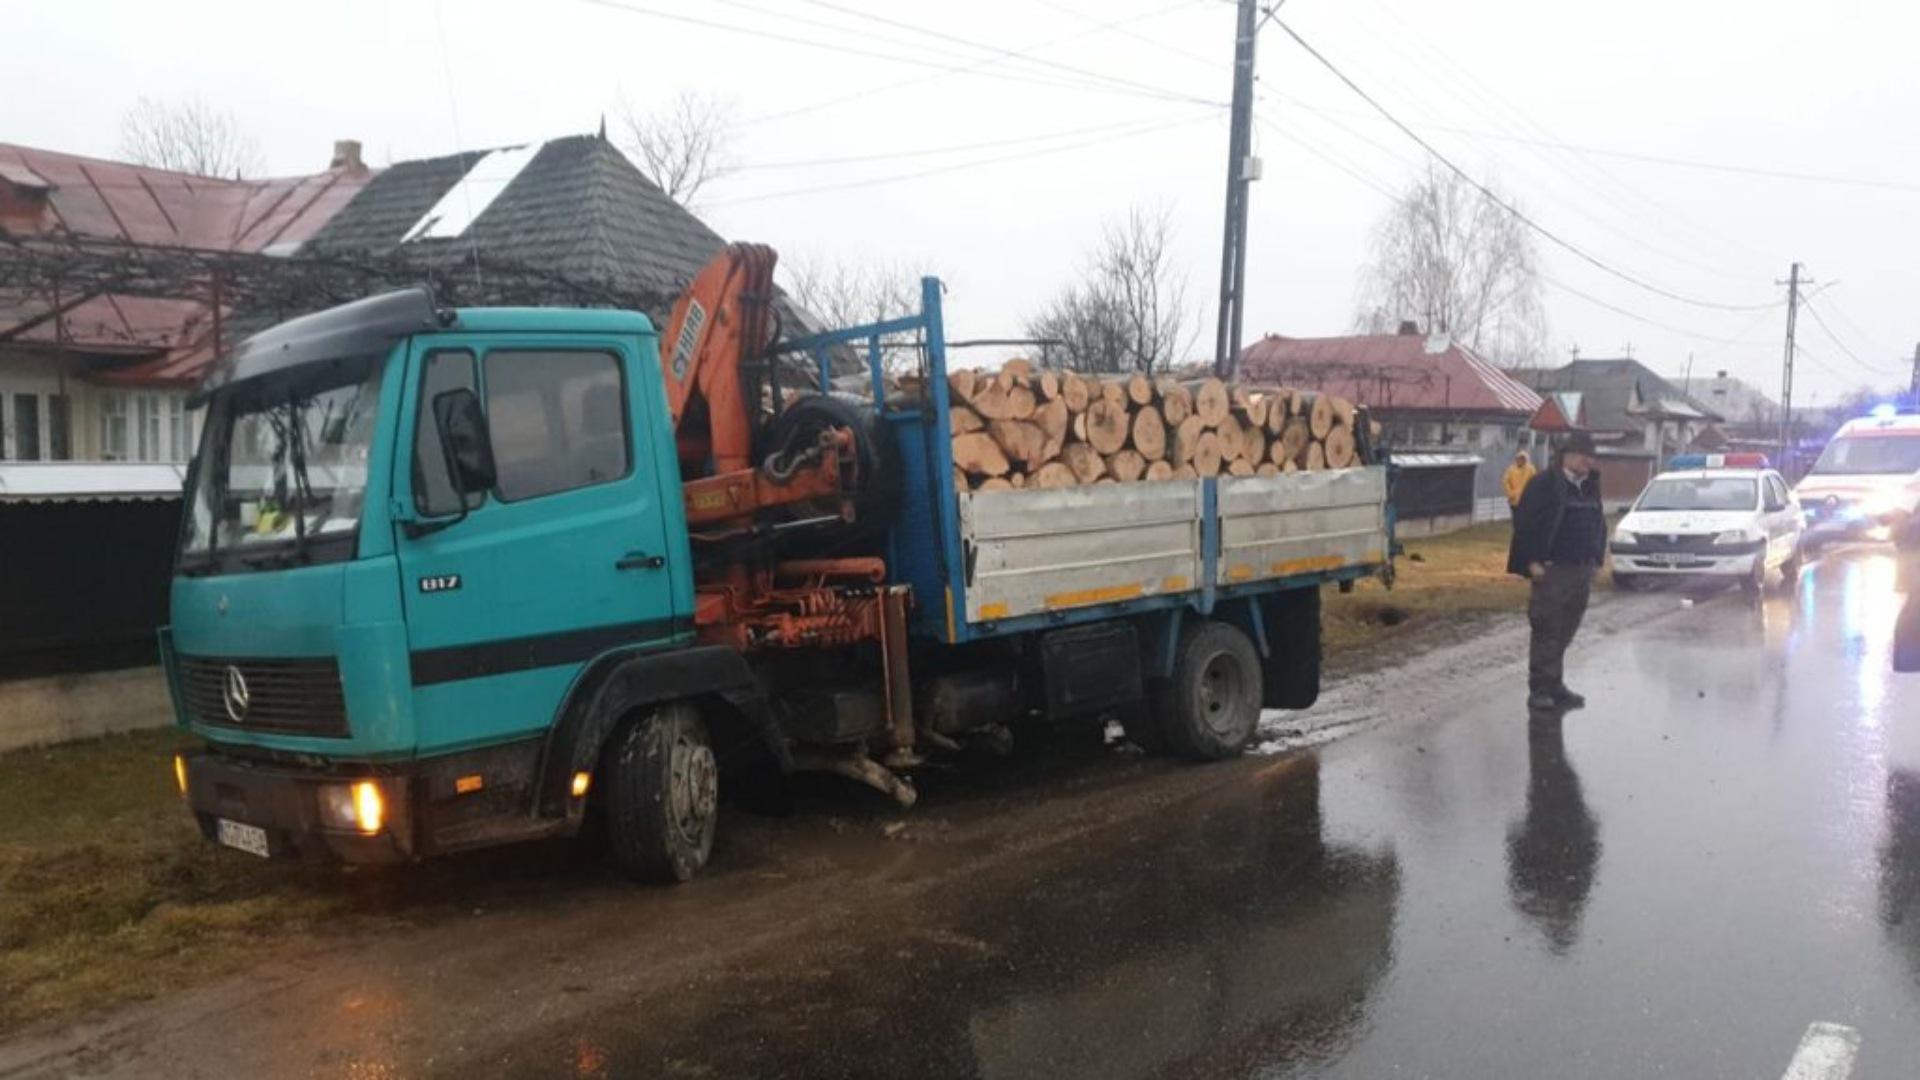 Foto | Accident grav în Neamț: Trei copii au fost spulberați de un camion. Unul dintre ei a murit pe loc